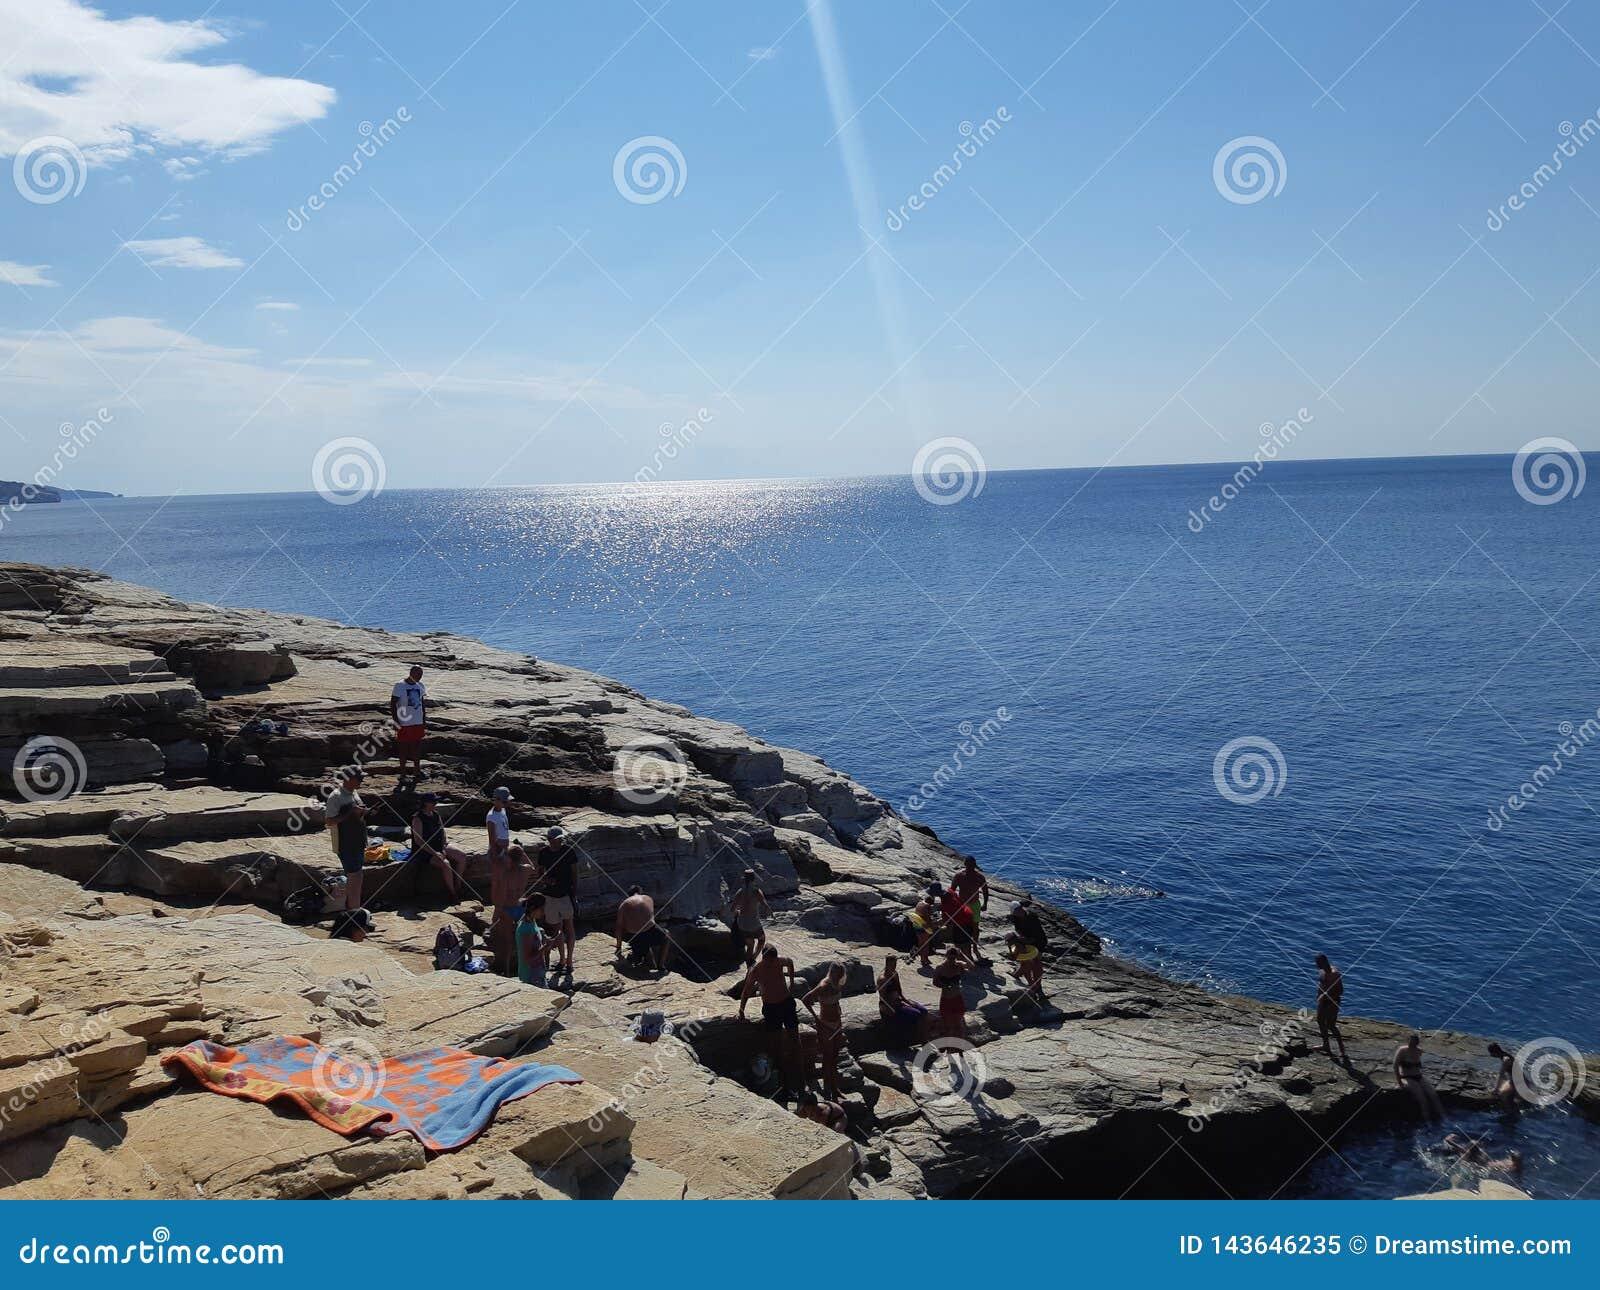 Sommar vibesen, stranden, havet, sol, kopplar av, himmel, loppet, Grekland, ön, förälskelse, morgon